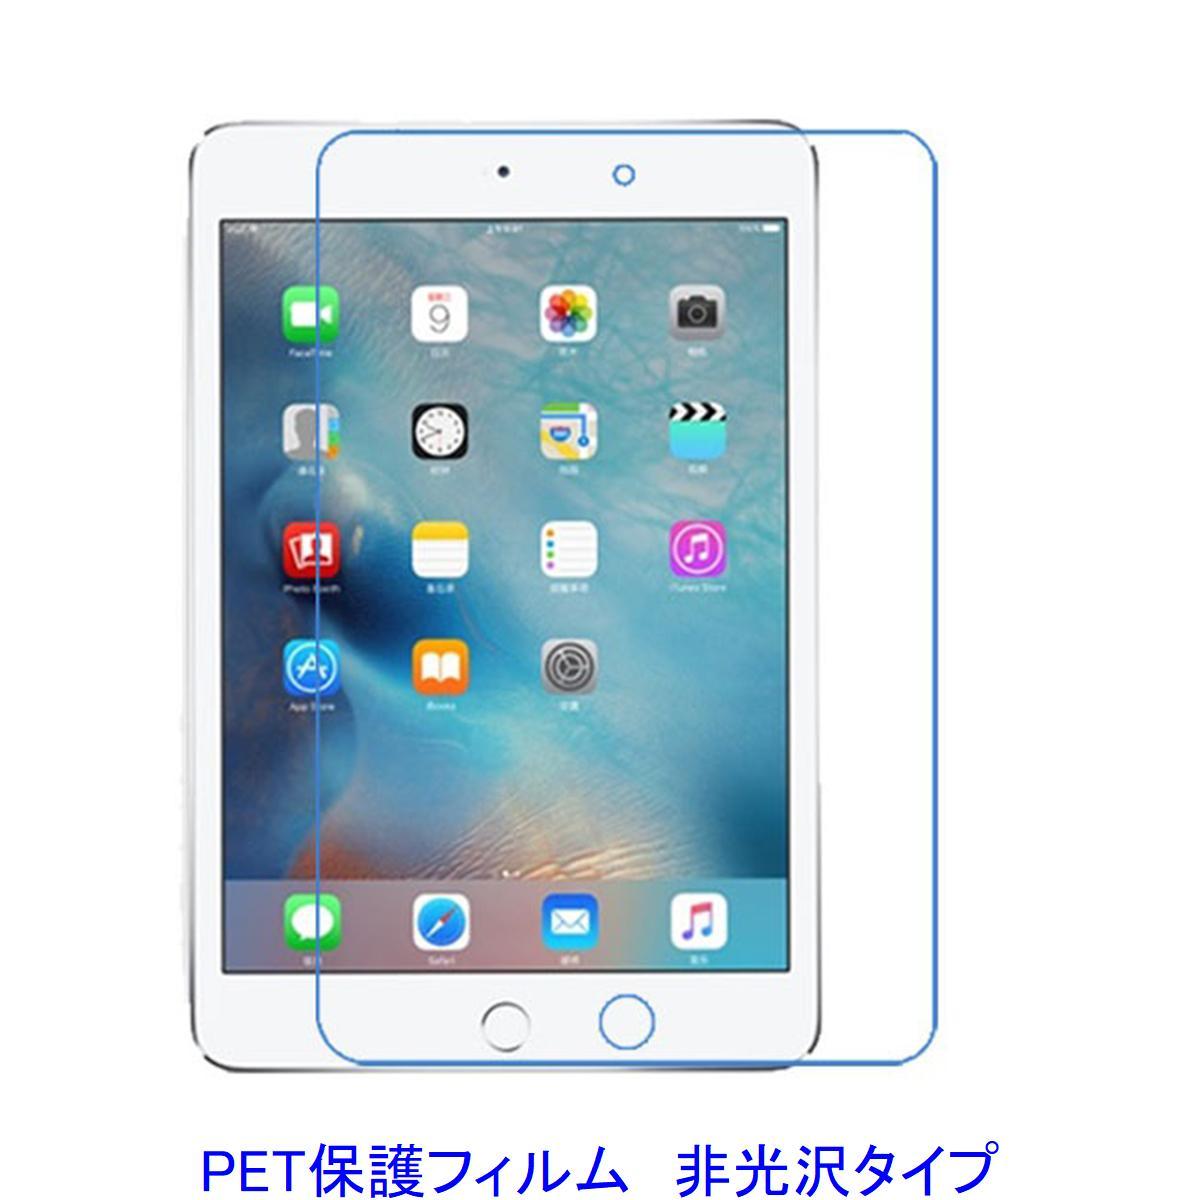 メール便送料無料 iPad mini4 7.9インチ オリジナル 液晶保護フィルム 非光沢 休み 2015年 指紋防止